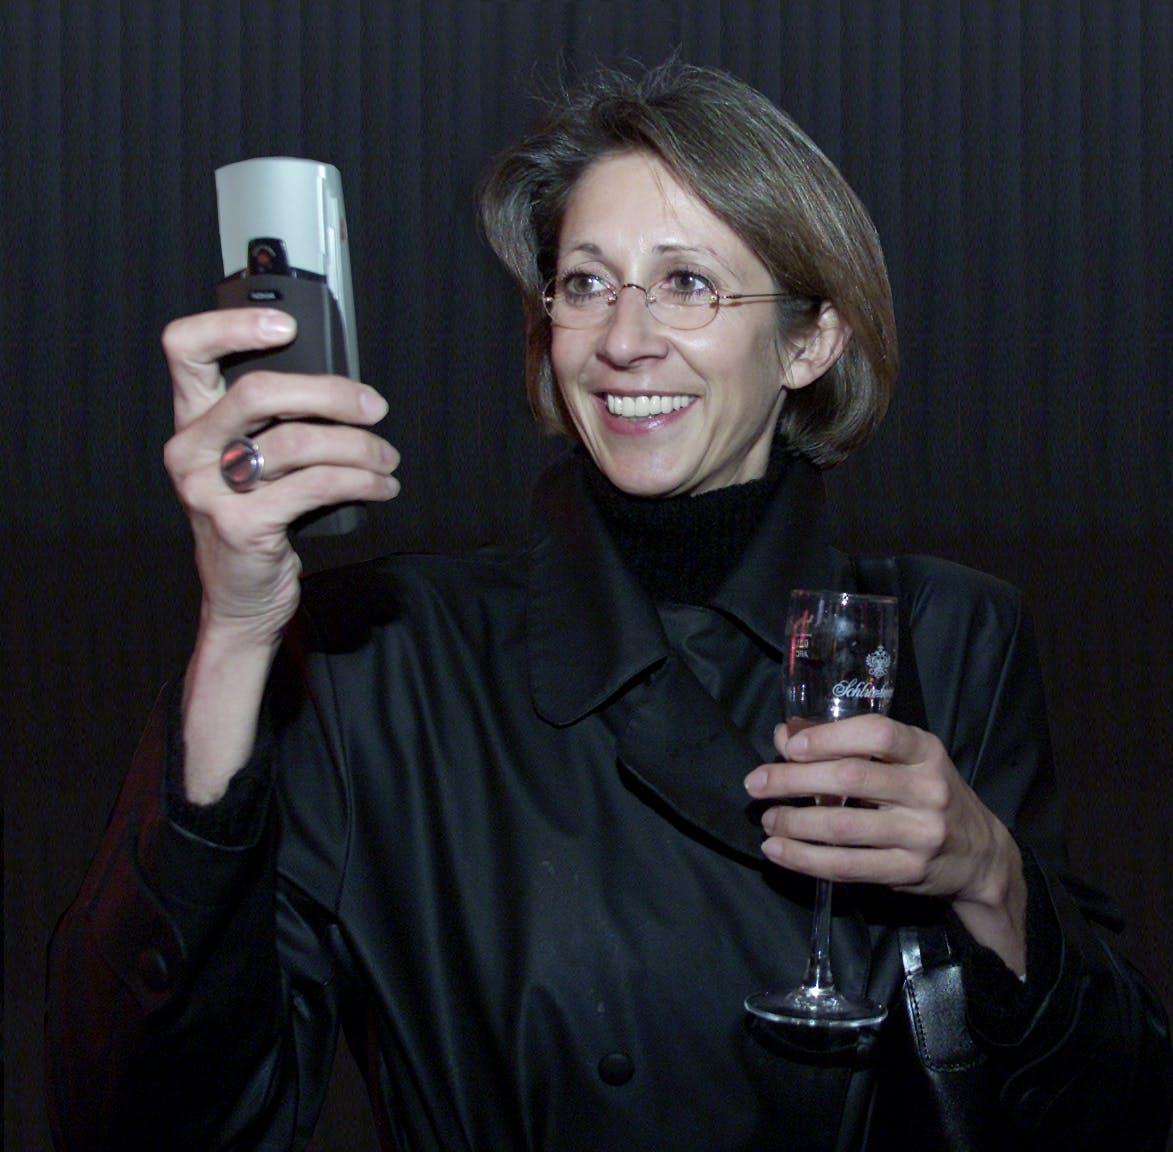 Stefanie Bleil, stellvertretende Geschäftsführerin SevenOne Media Austria, beim SMS-Senden.